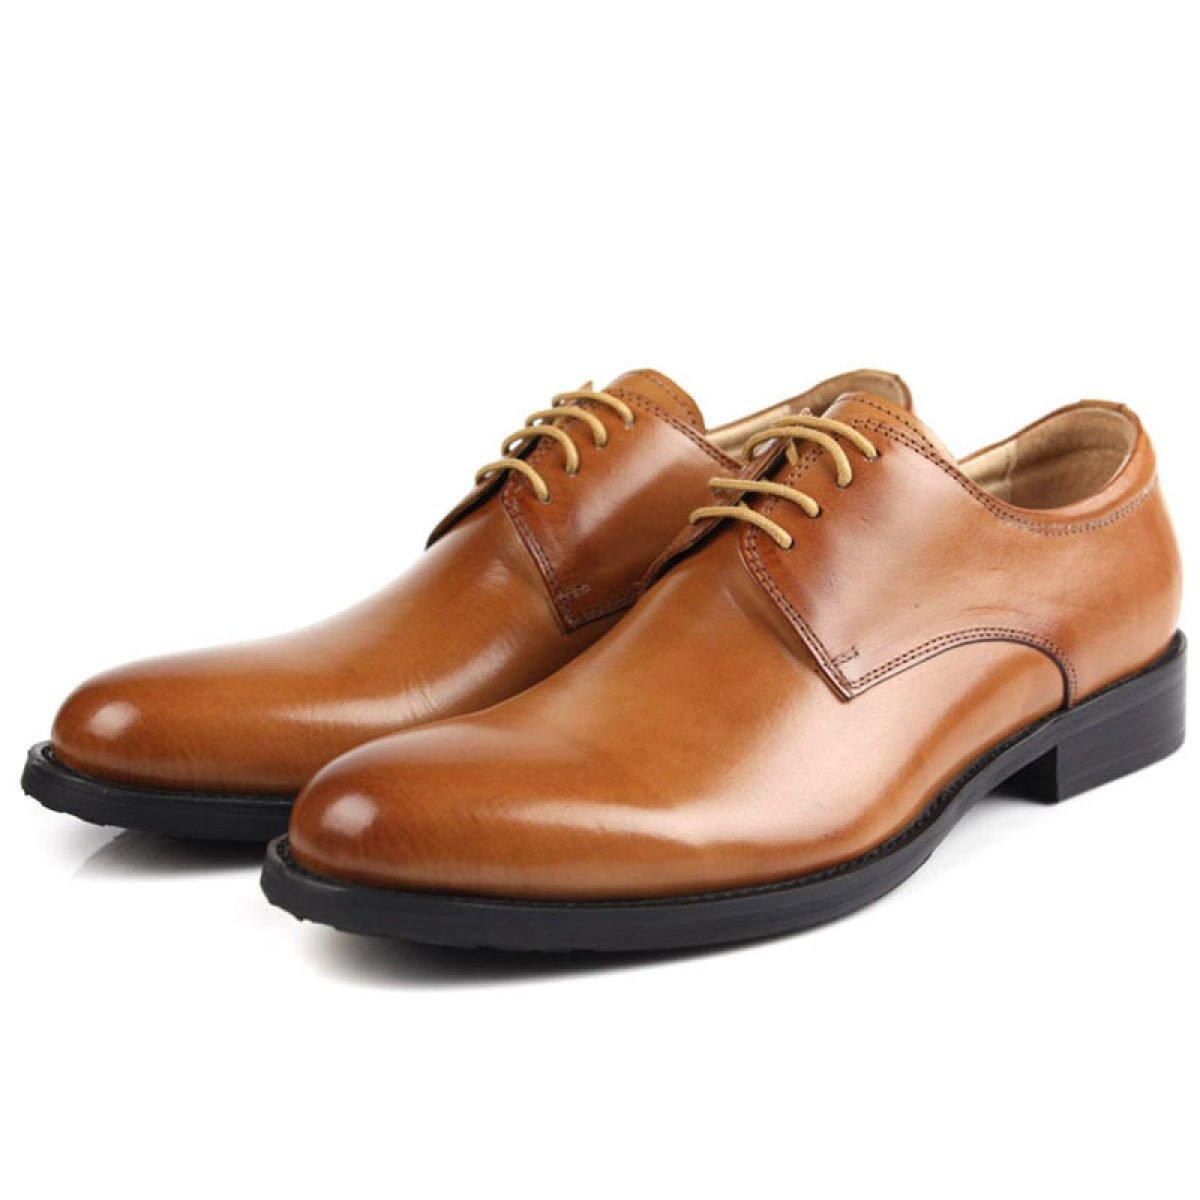 GTYMFH Männer Geschäft Kleidschuhe Runder Kopf Herrenschuhe Leder Niedrige Schuhe Schuhe Casual